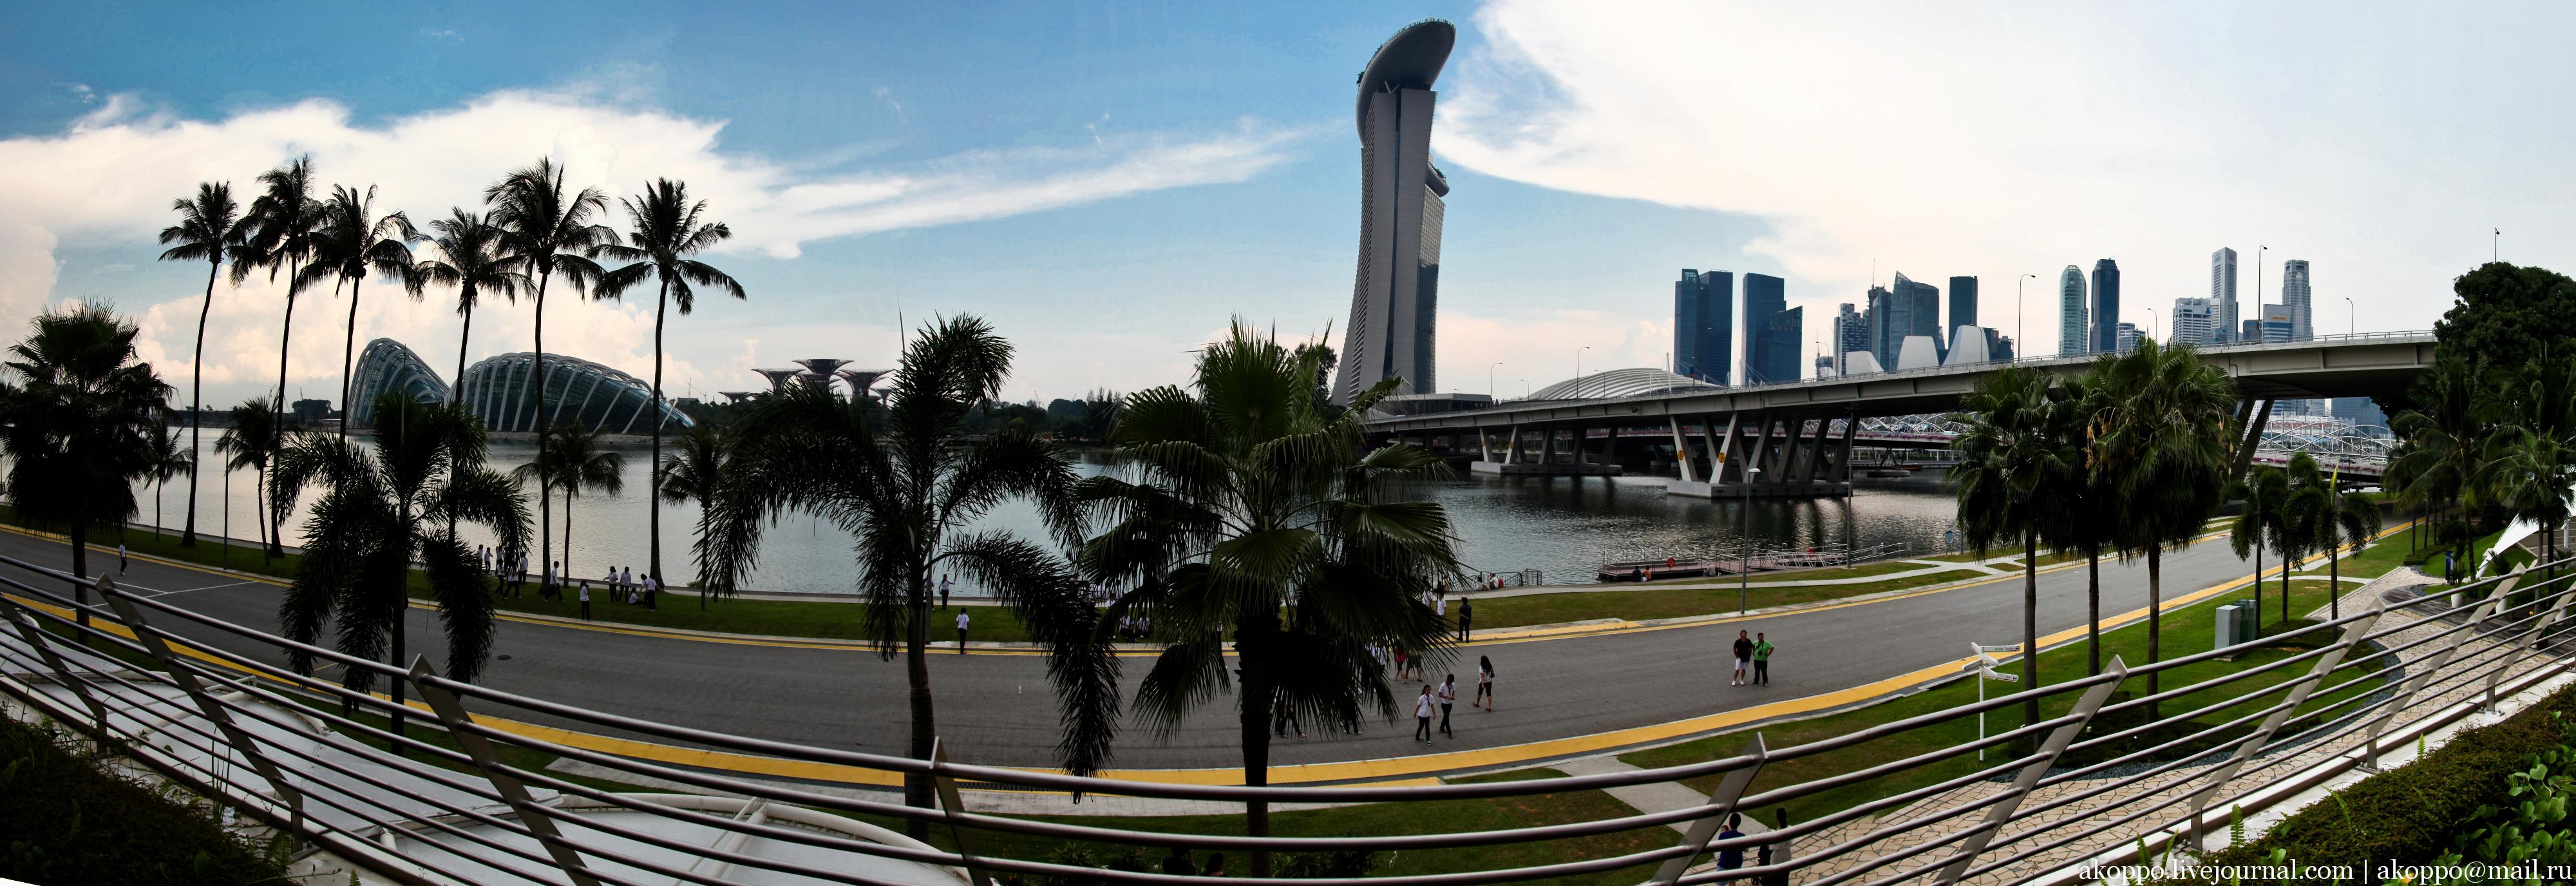 singapore panorama 9